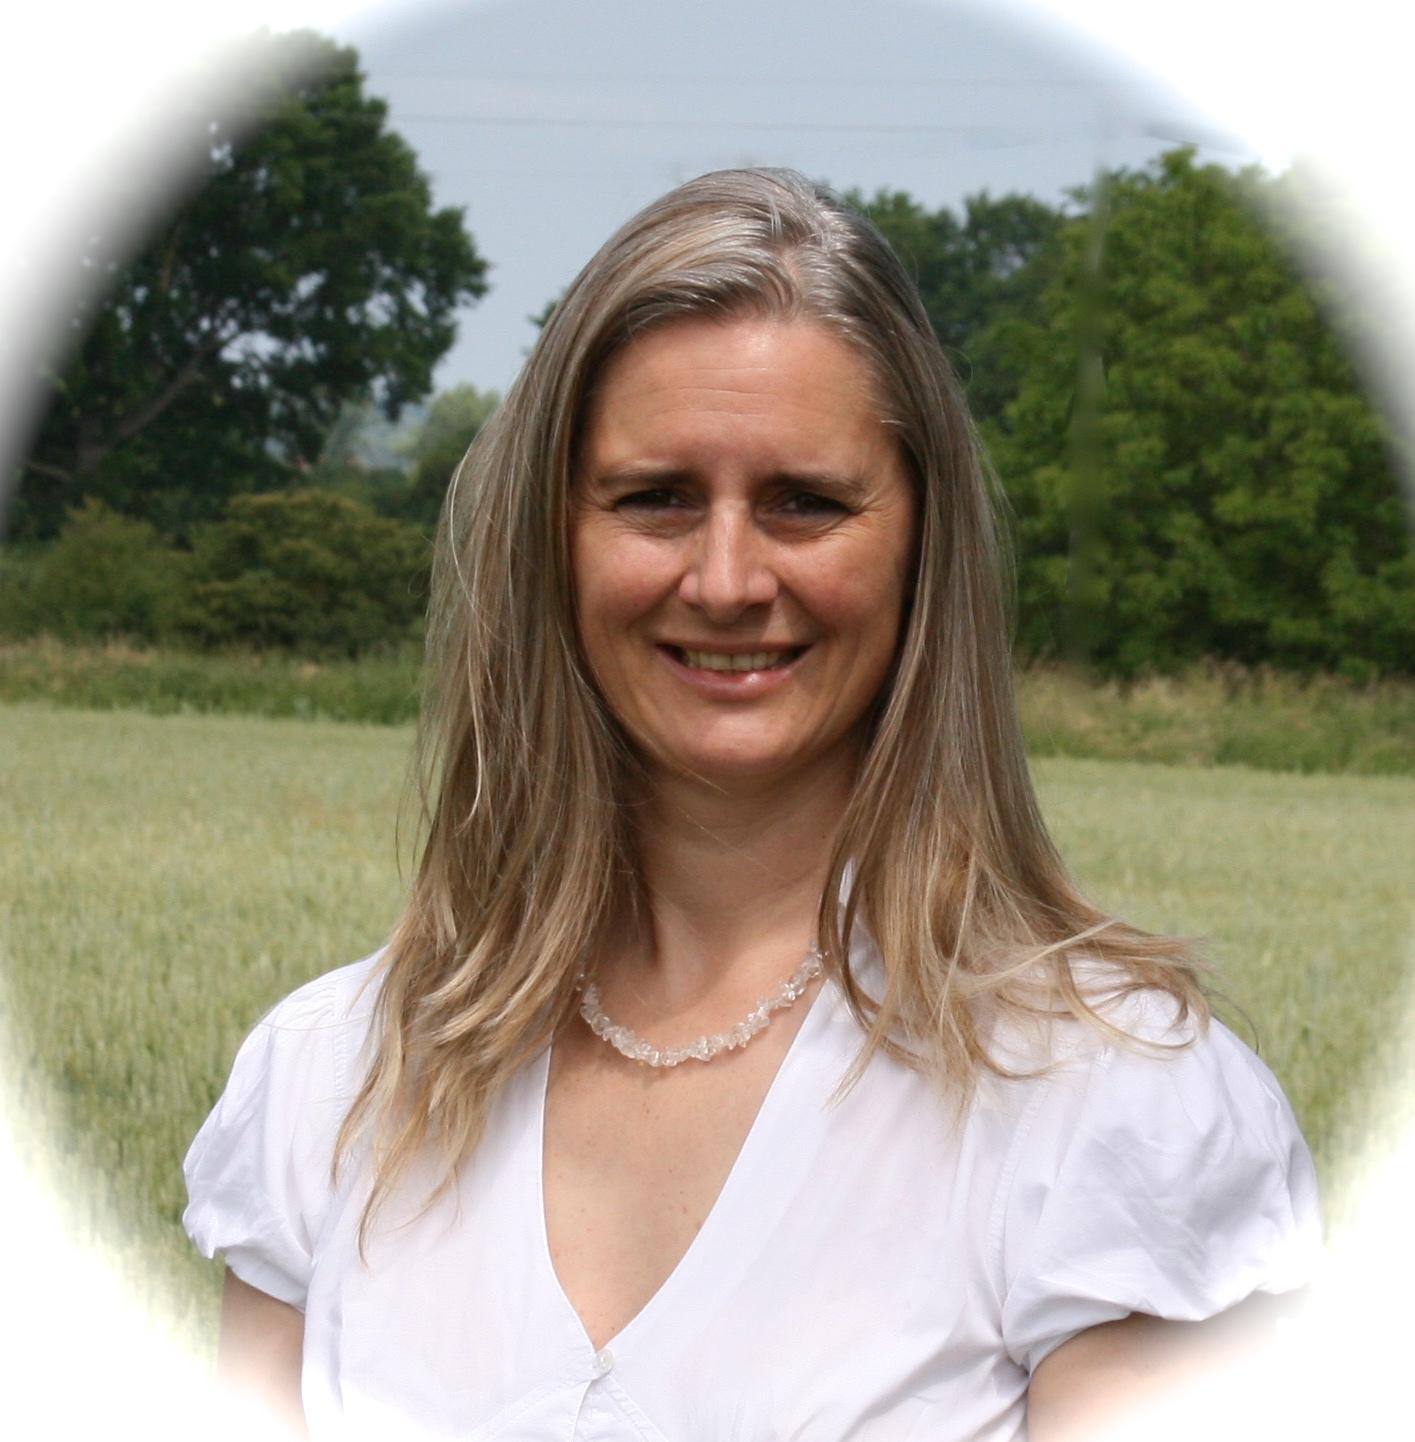 Contact Florence Sabot, Vente Directe Producteur, Soignons nos assiettes